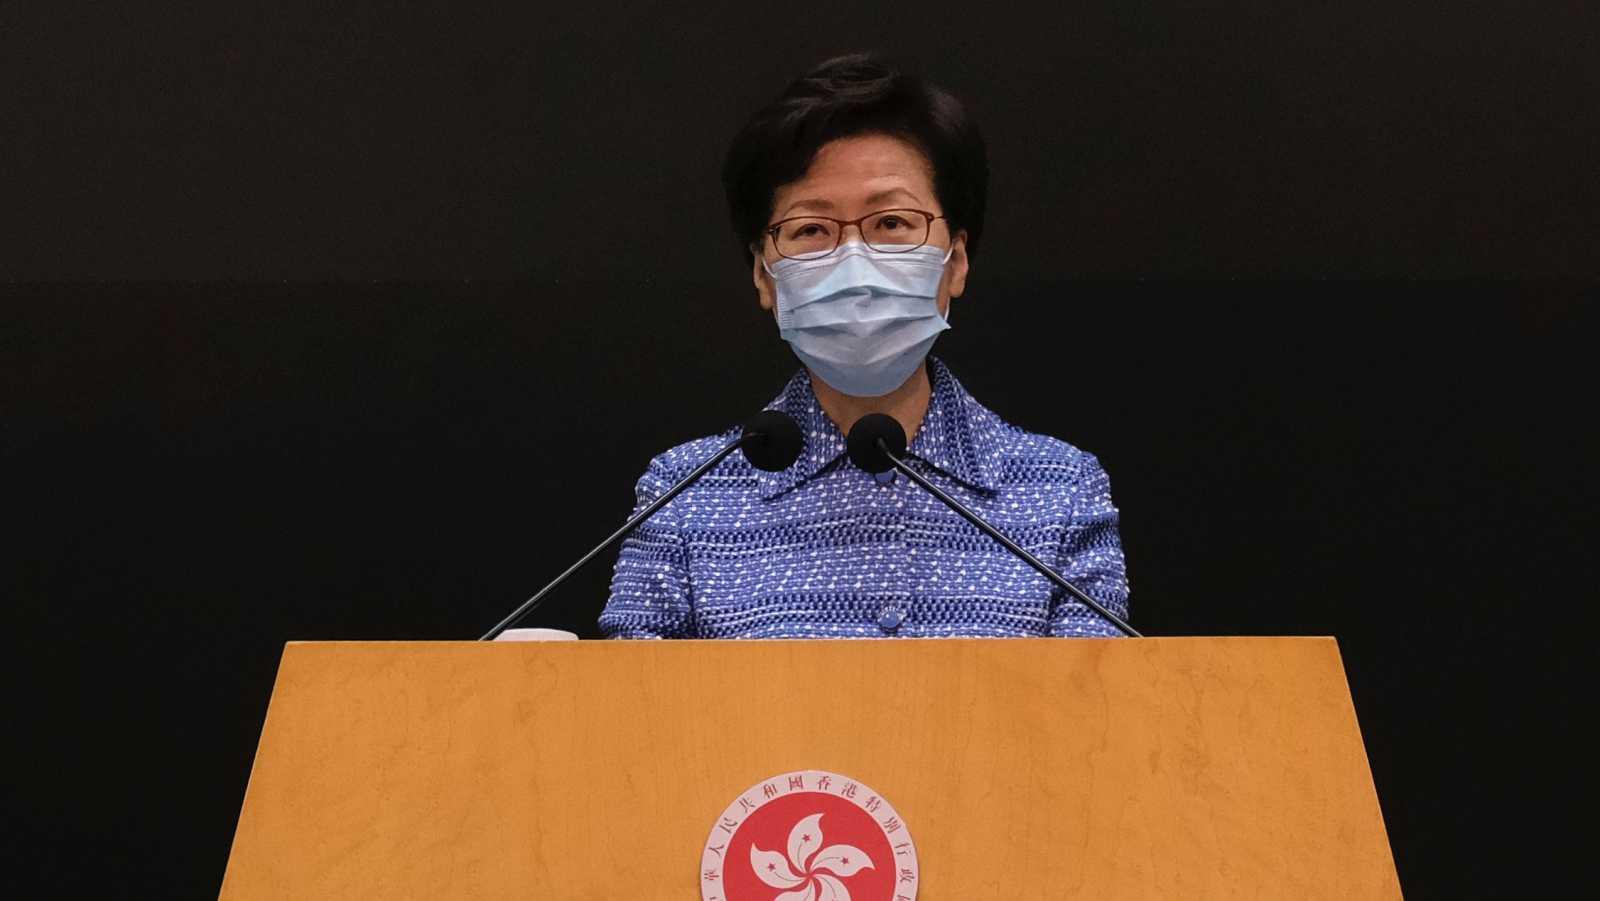 La jefa del Ejecutivo local de Hong Kong, Carrie Lam, reitera su respaldo a la ley de seguridad nacional del Gobierno chino